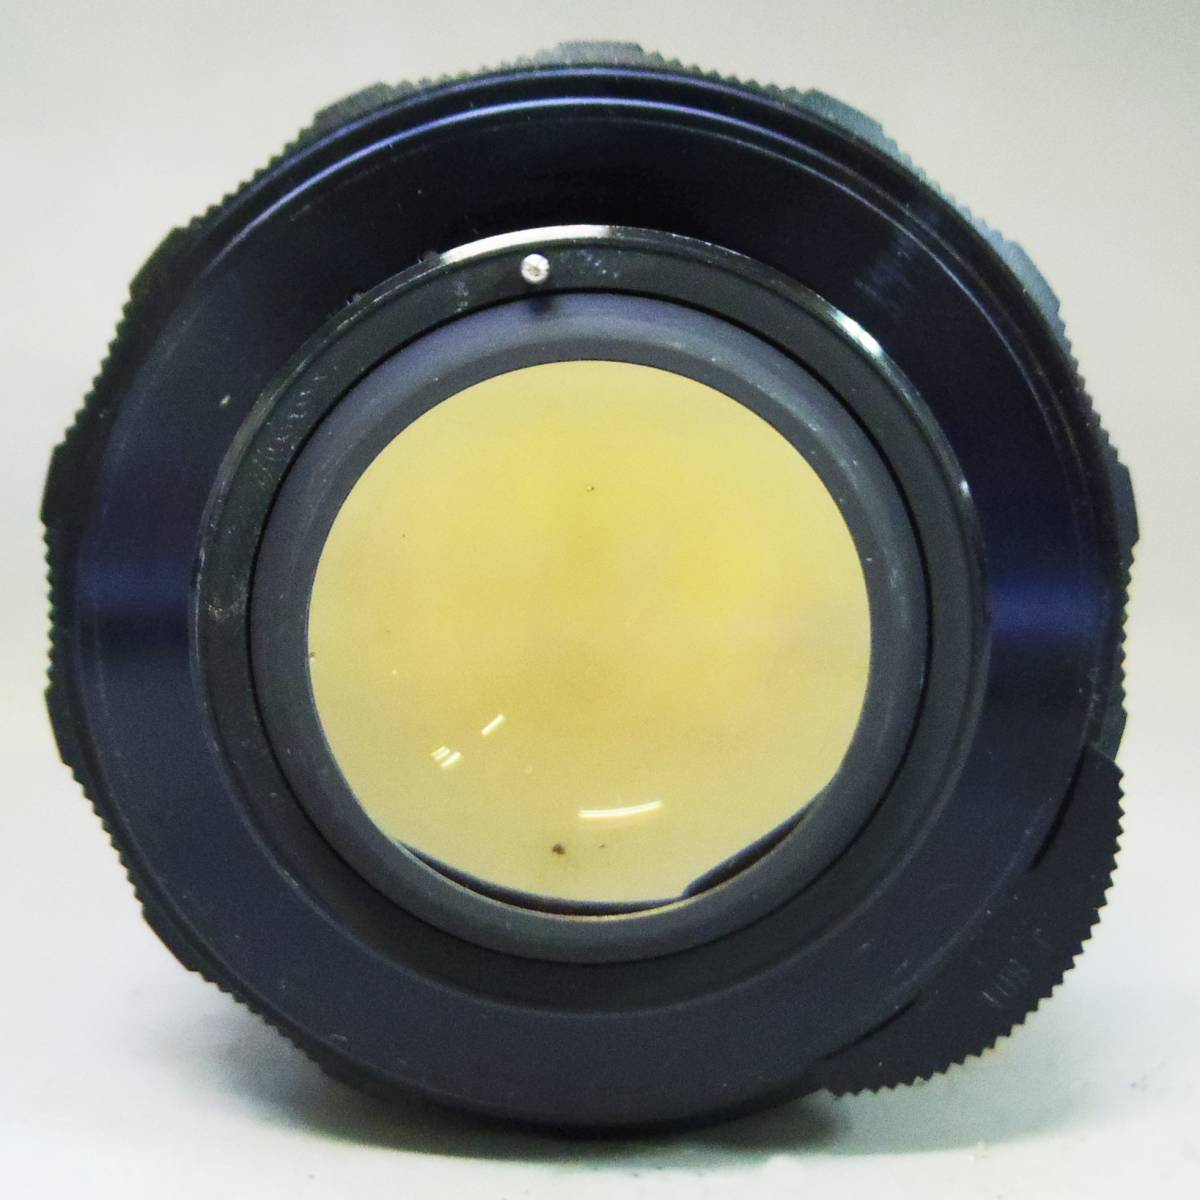 14 32-119125-07 ペンタックス PENTAX SP スポットマチック SPOTMATIC カメラ レンズ Super-Takumar 1:1.4/50 神32_画像7